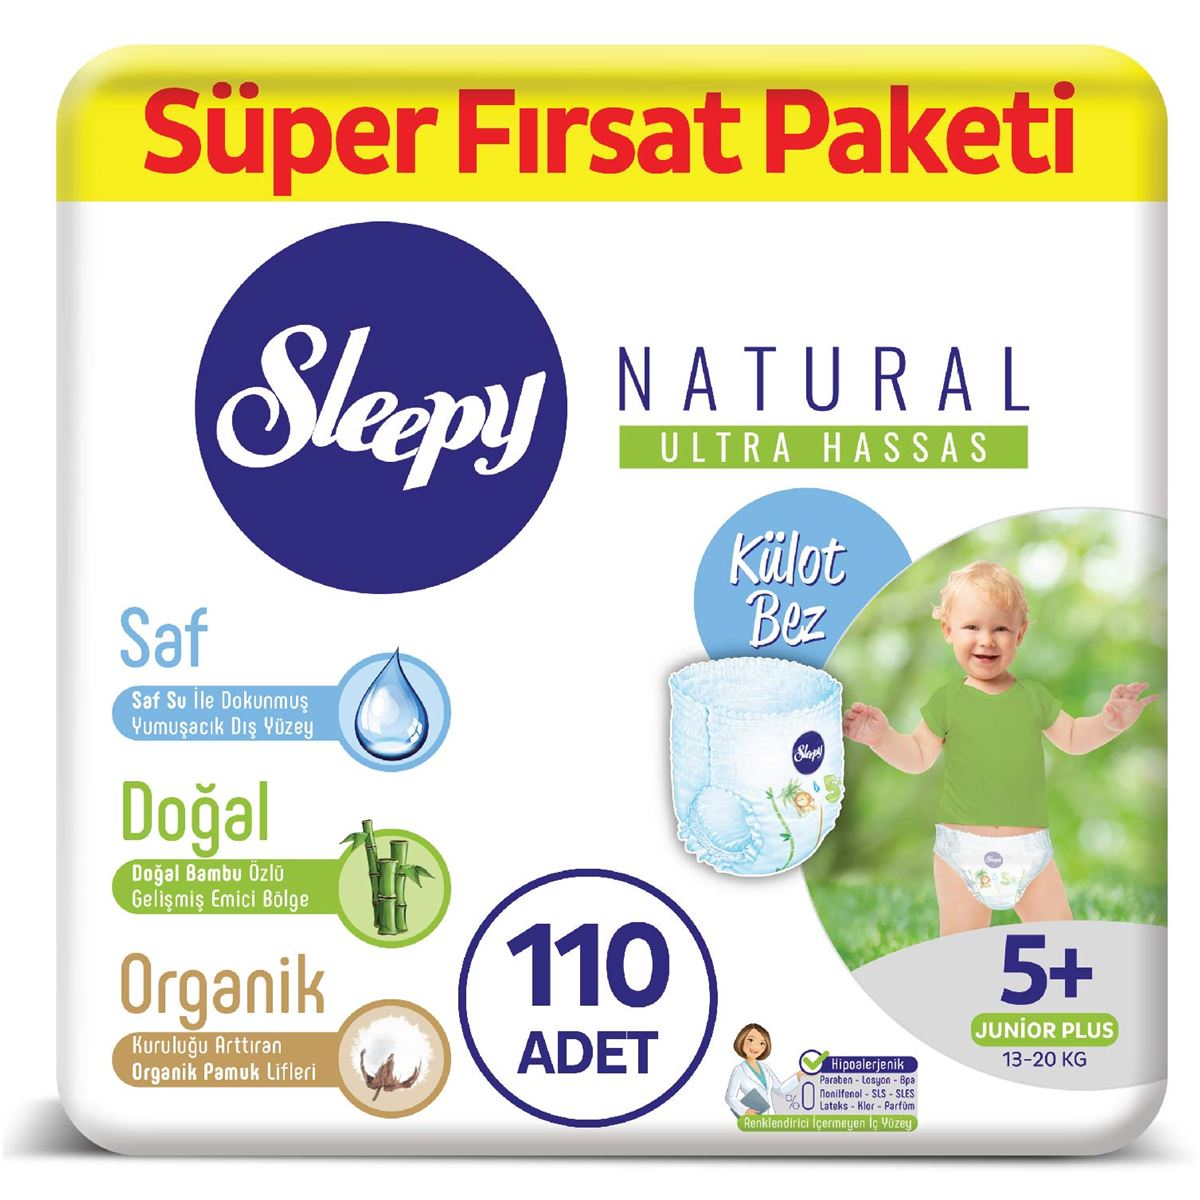 Sleepy Natural Külot Bez 5+ Numara Junior Plus Süper Fırsat Paketi 110 Adet